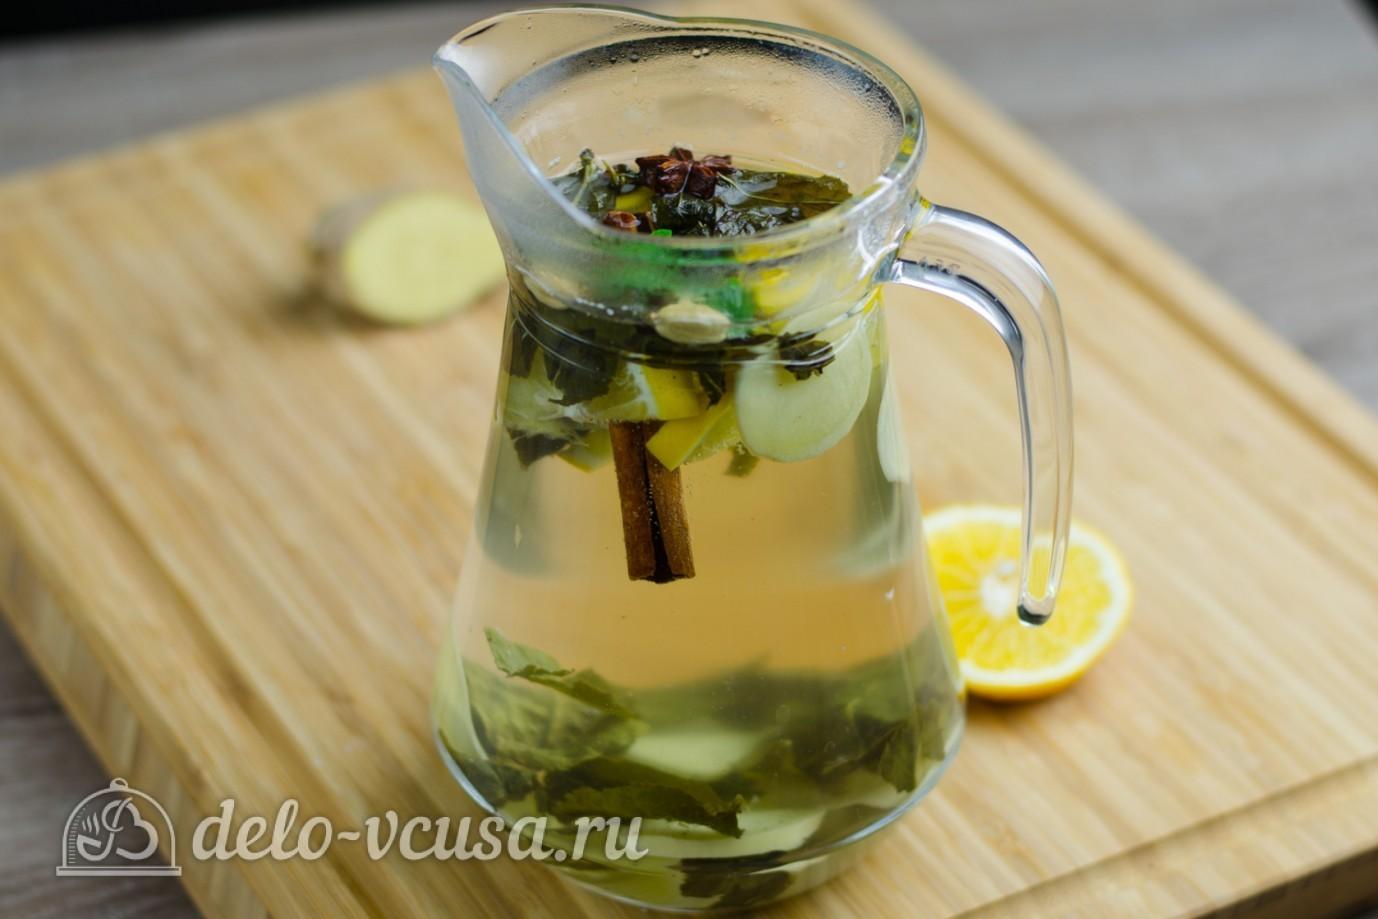 Чай с гвоздикой поможет после трудного